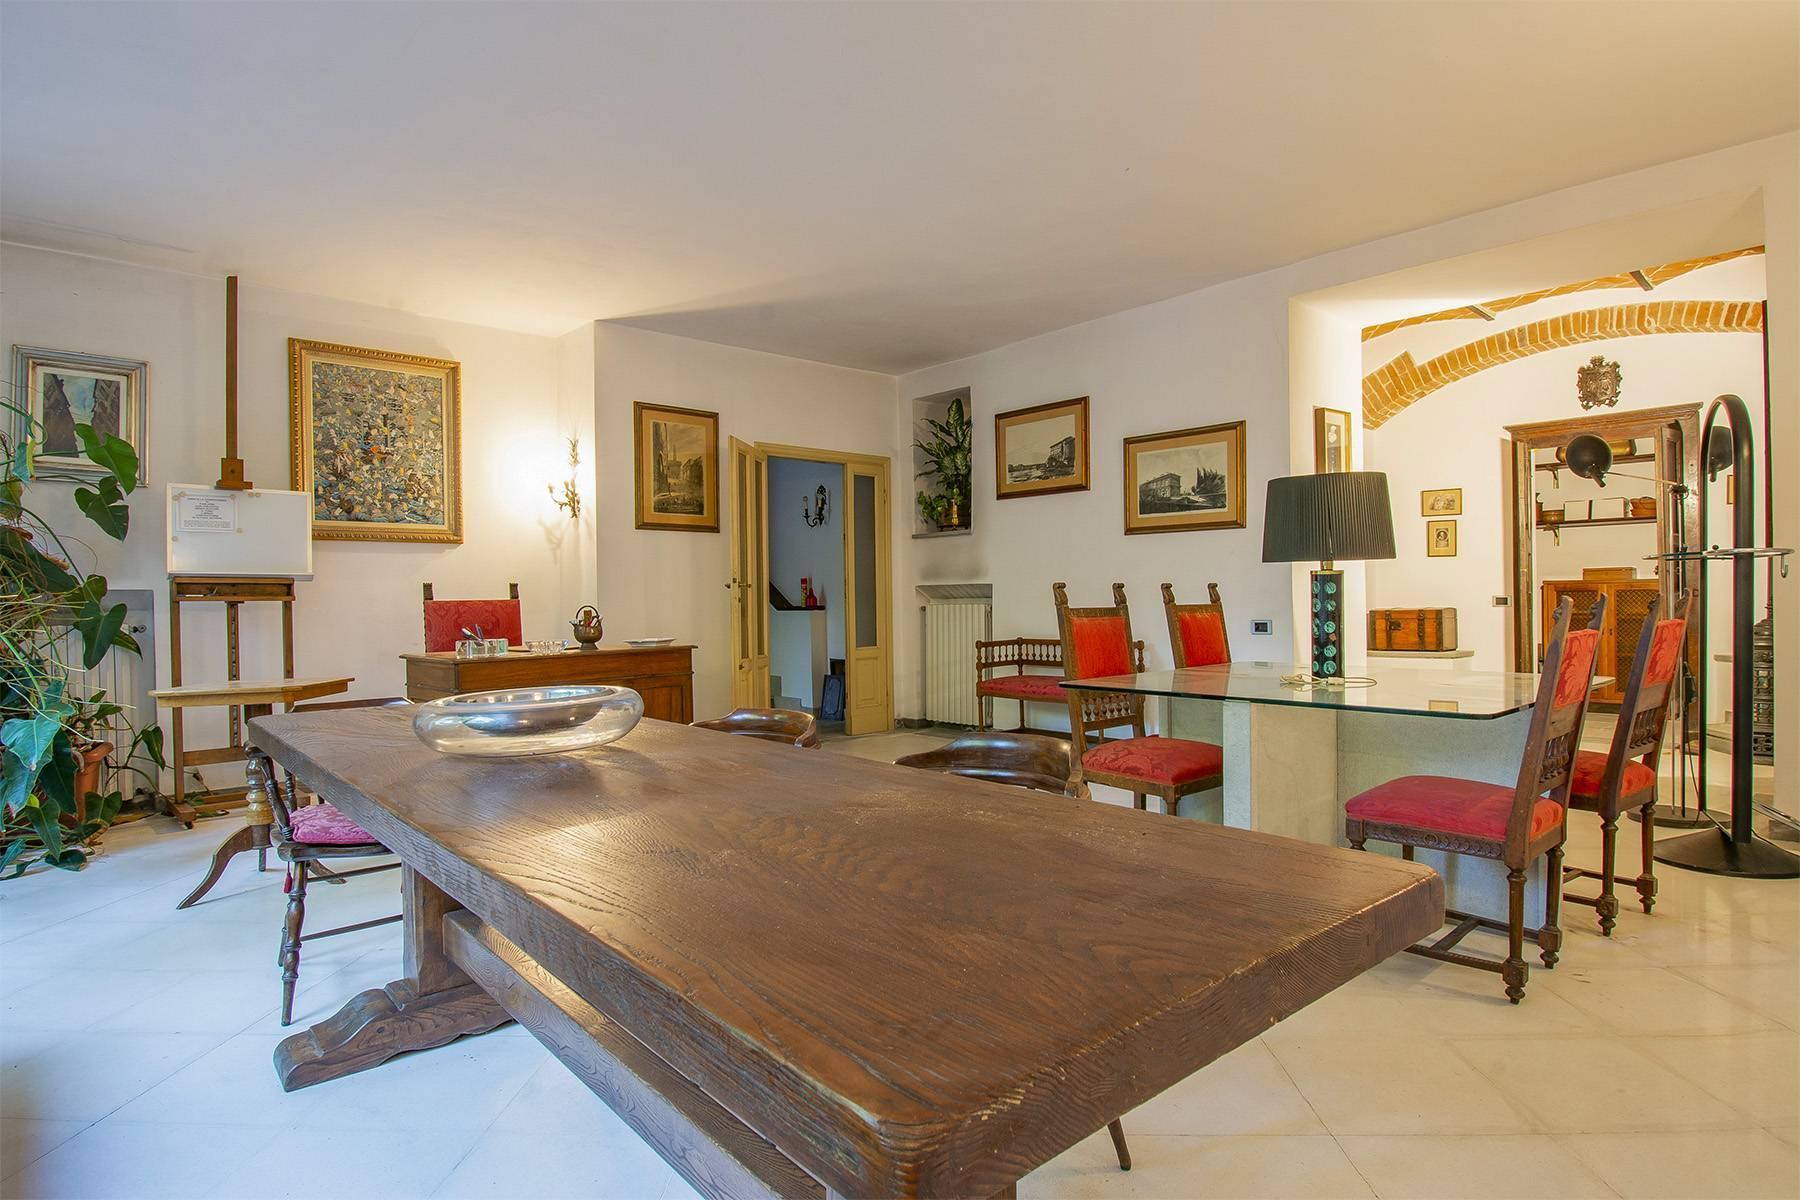 Exquisite apartment in a historic villa - 18